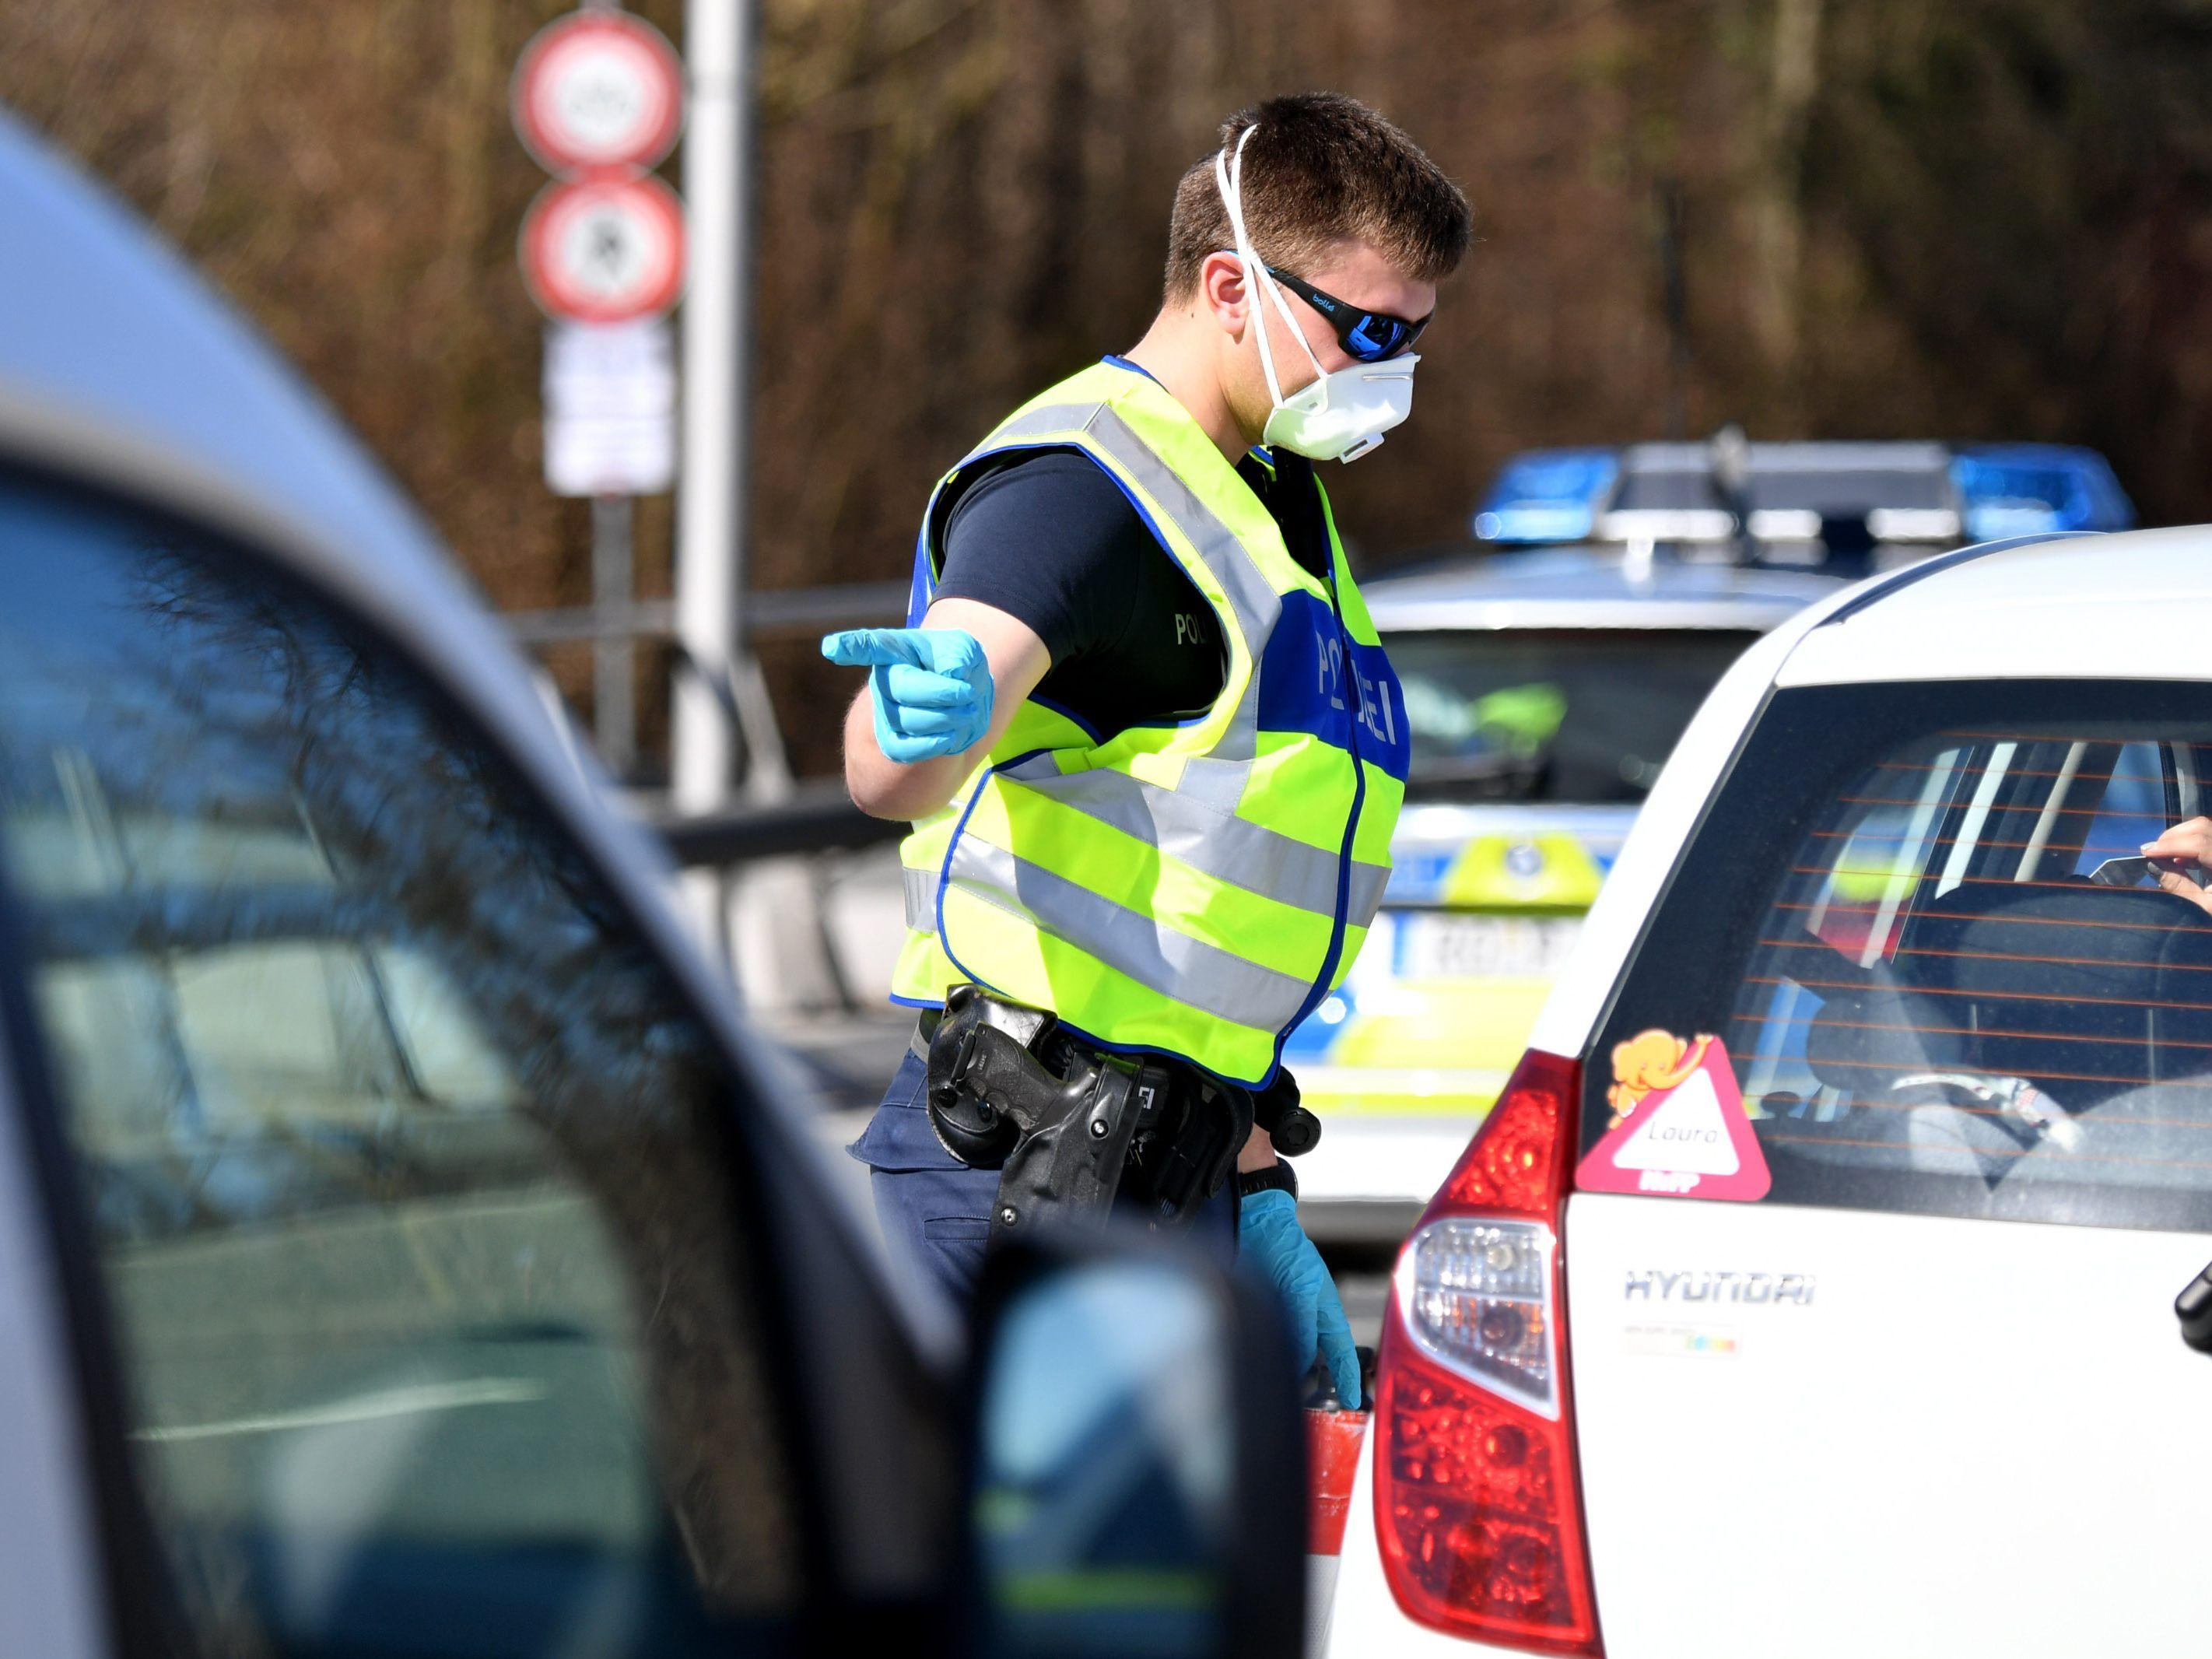 Aachen: Polizei tötet einen Psychiatrie-Insassen auf Flucht - offene Fragen